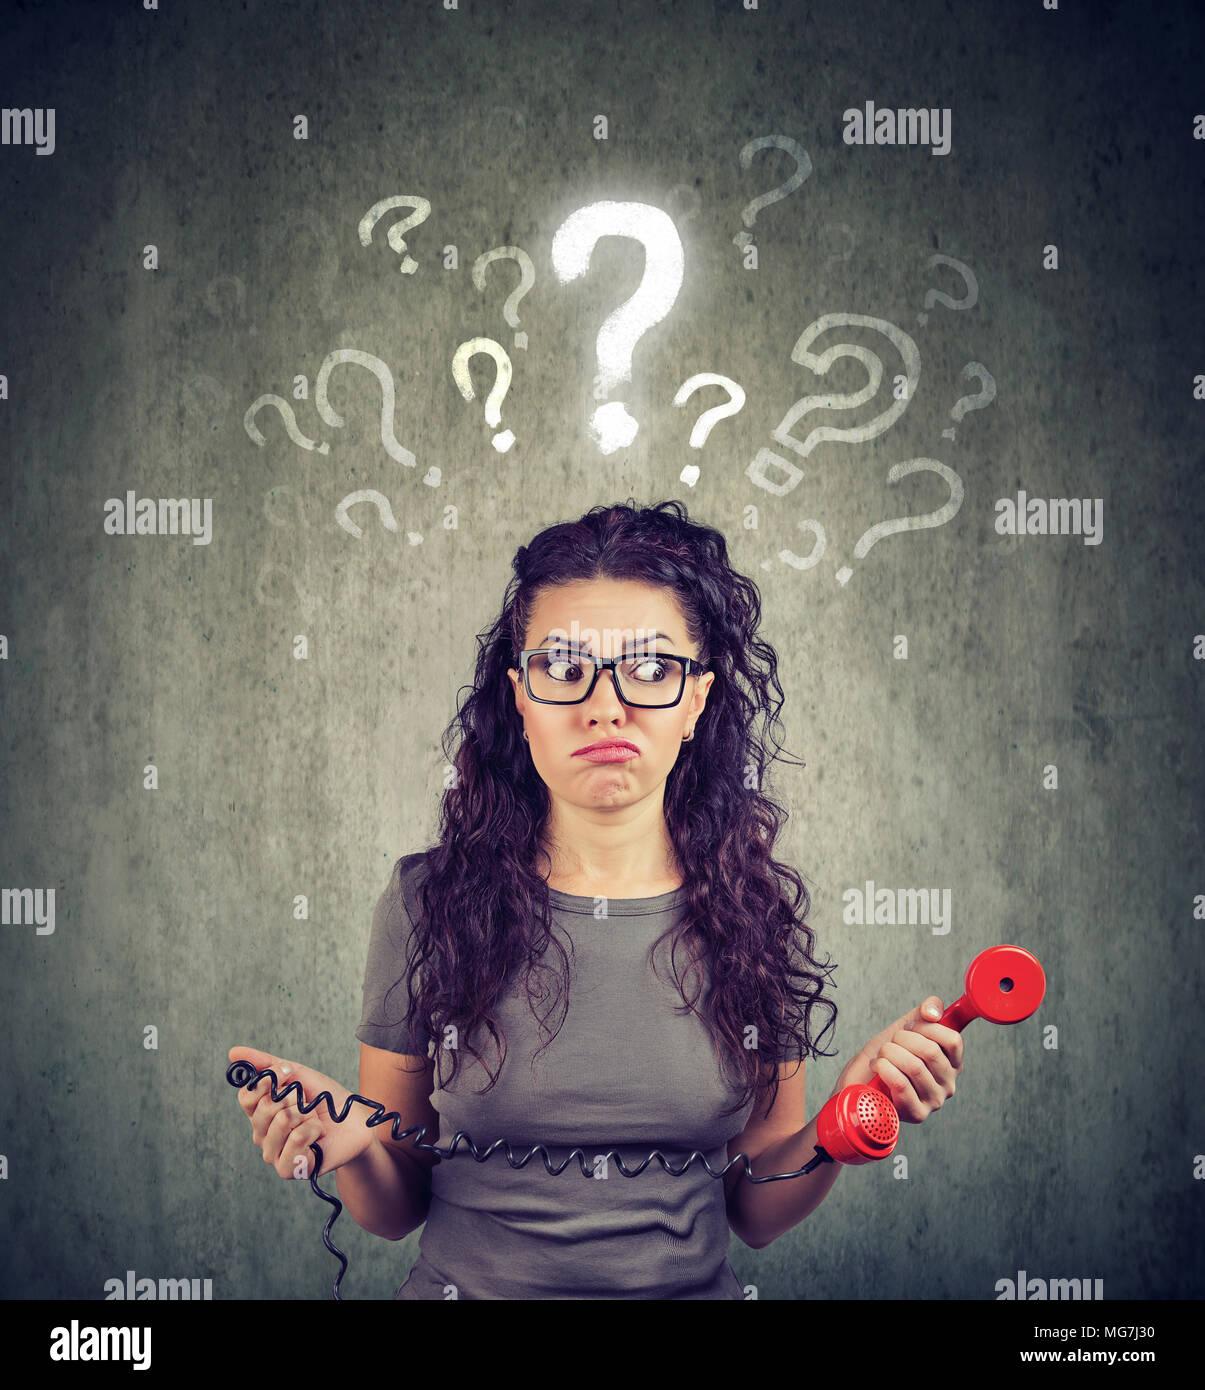 Missverständnisse und fernen rufen. Verärgert besorgt verwirrt Frau sprechen auf einem Telefon hat viele Fragen auf grauem Hintergrund. Stockbild